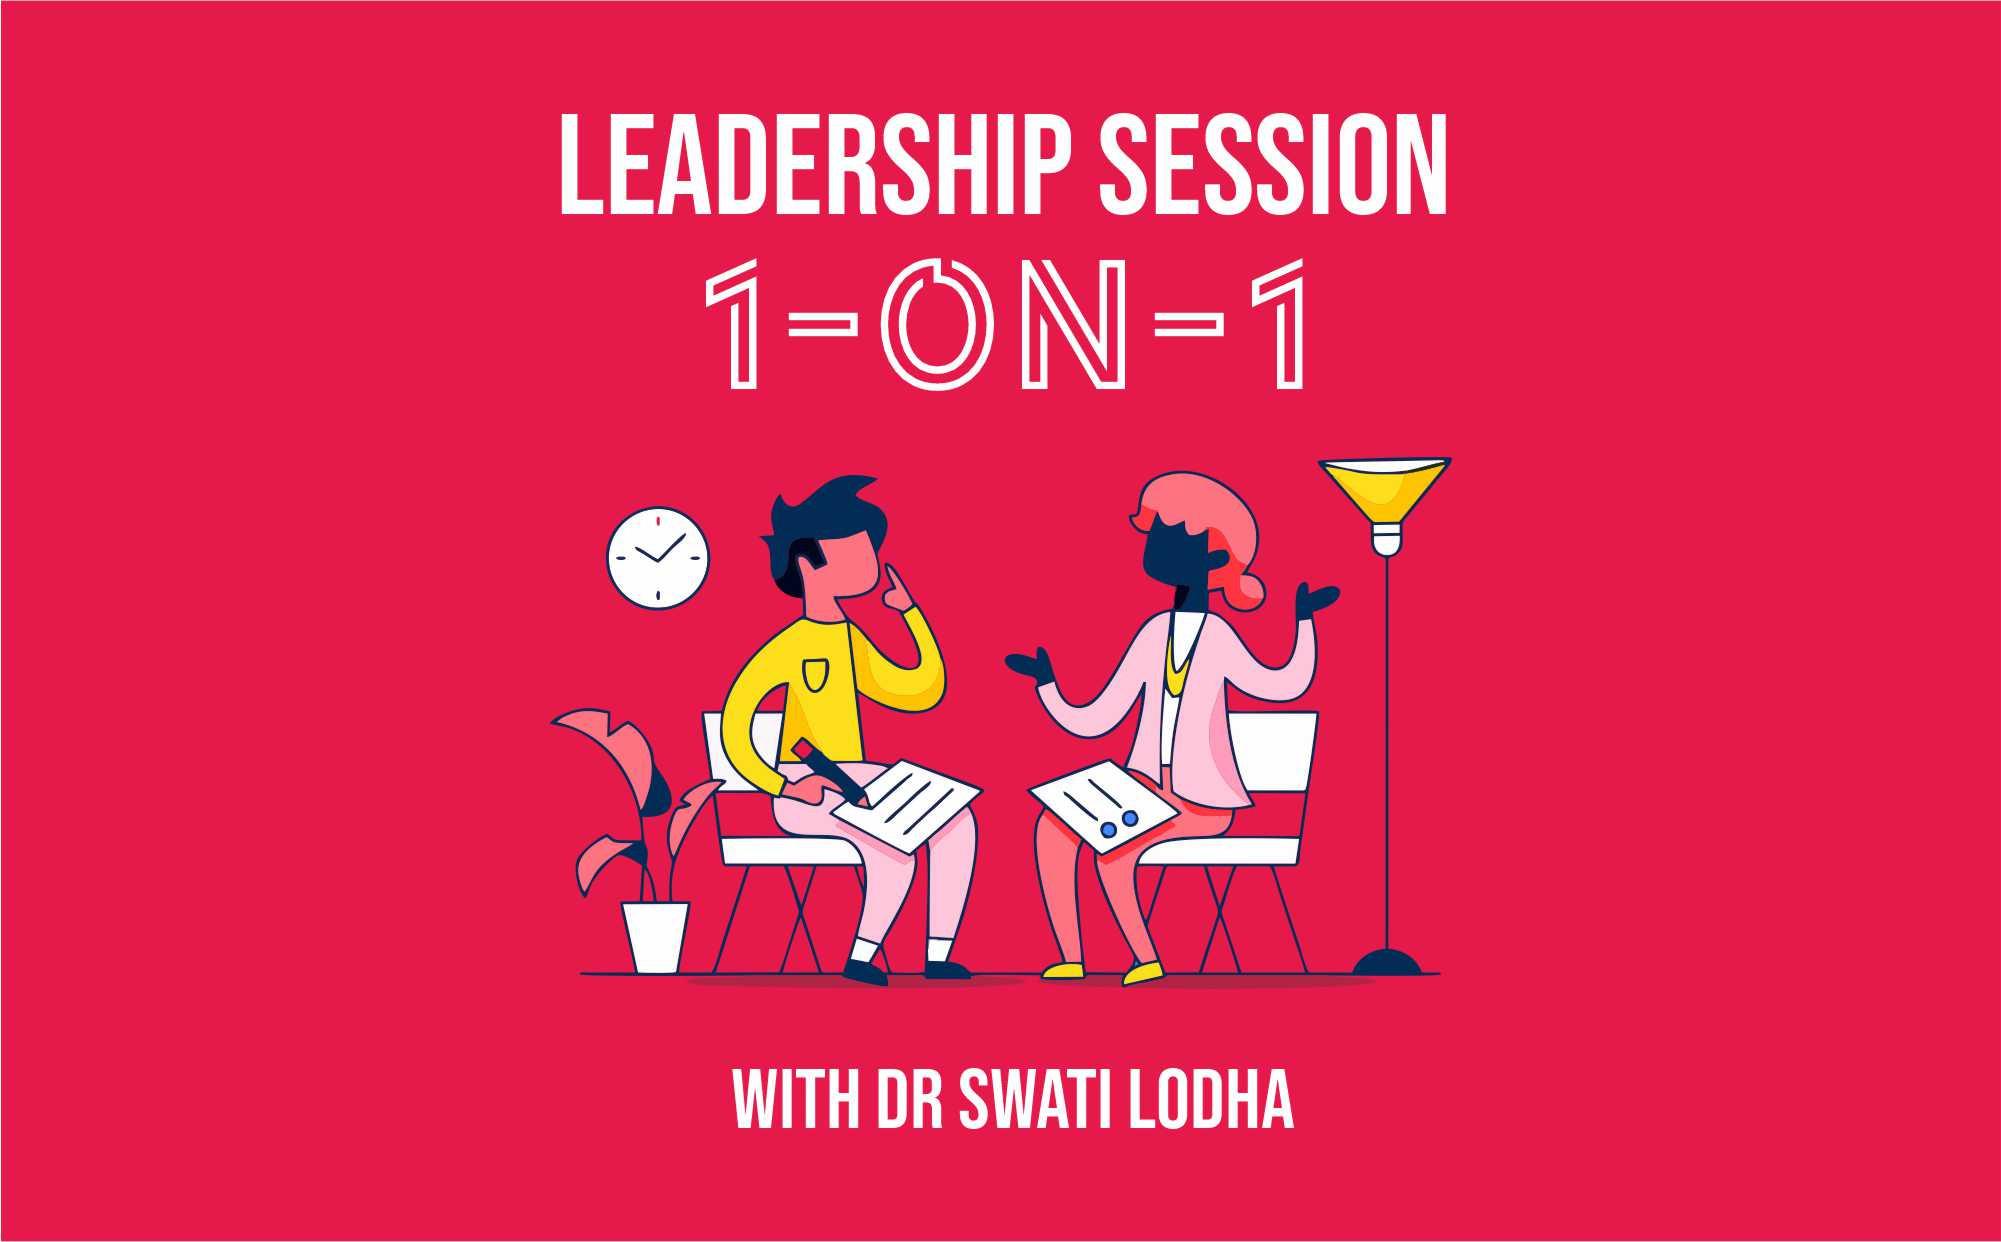 1-ON-1 Leadership Session